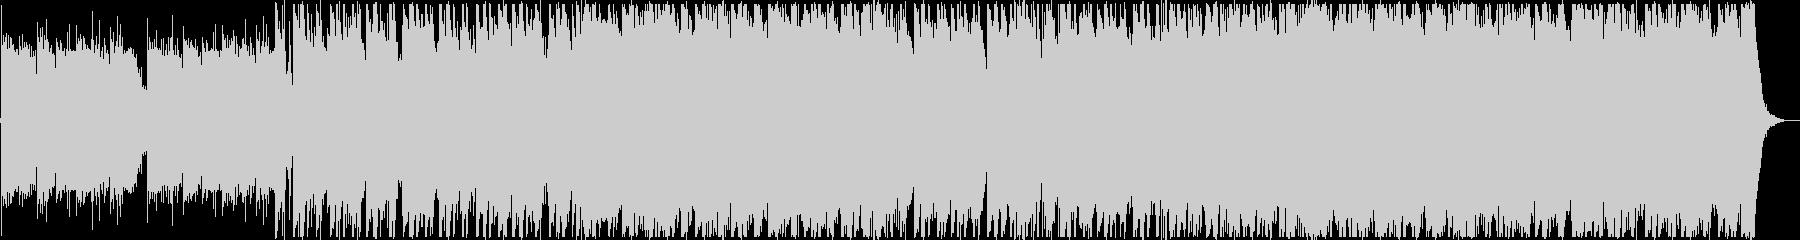 ピアノとオーケストラのゲーム用BGMの未再生の波形